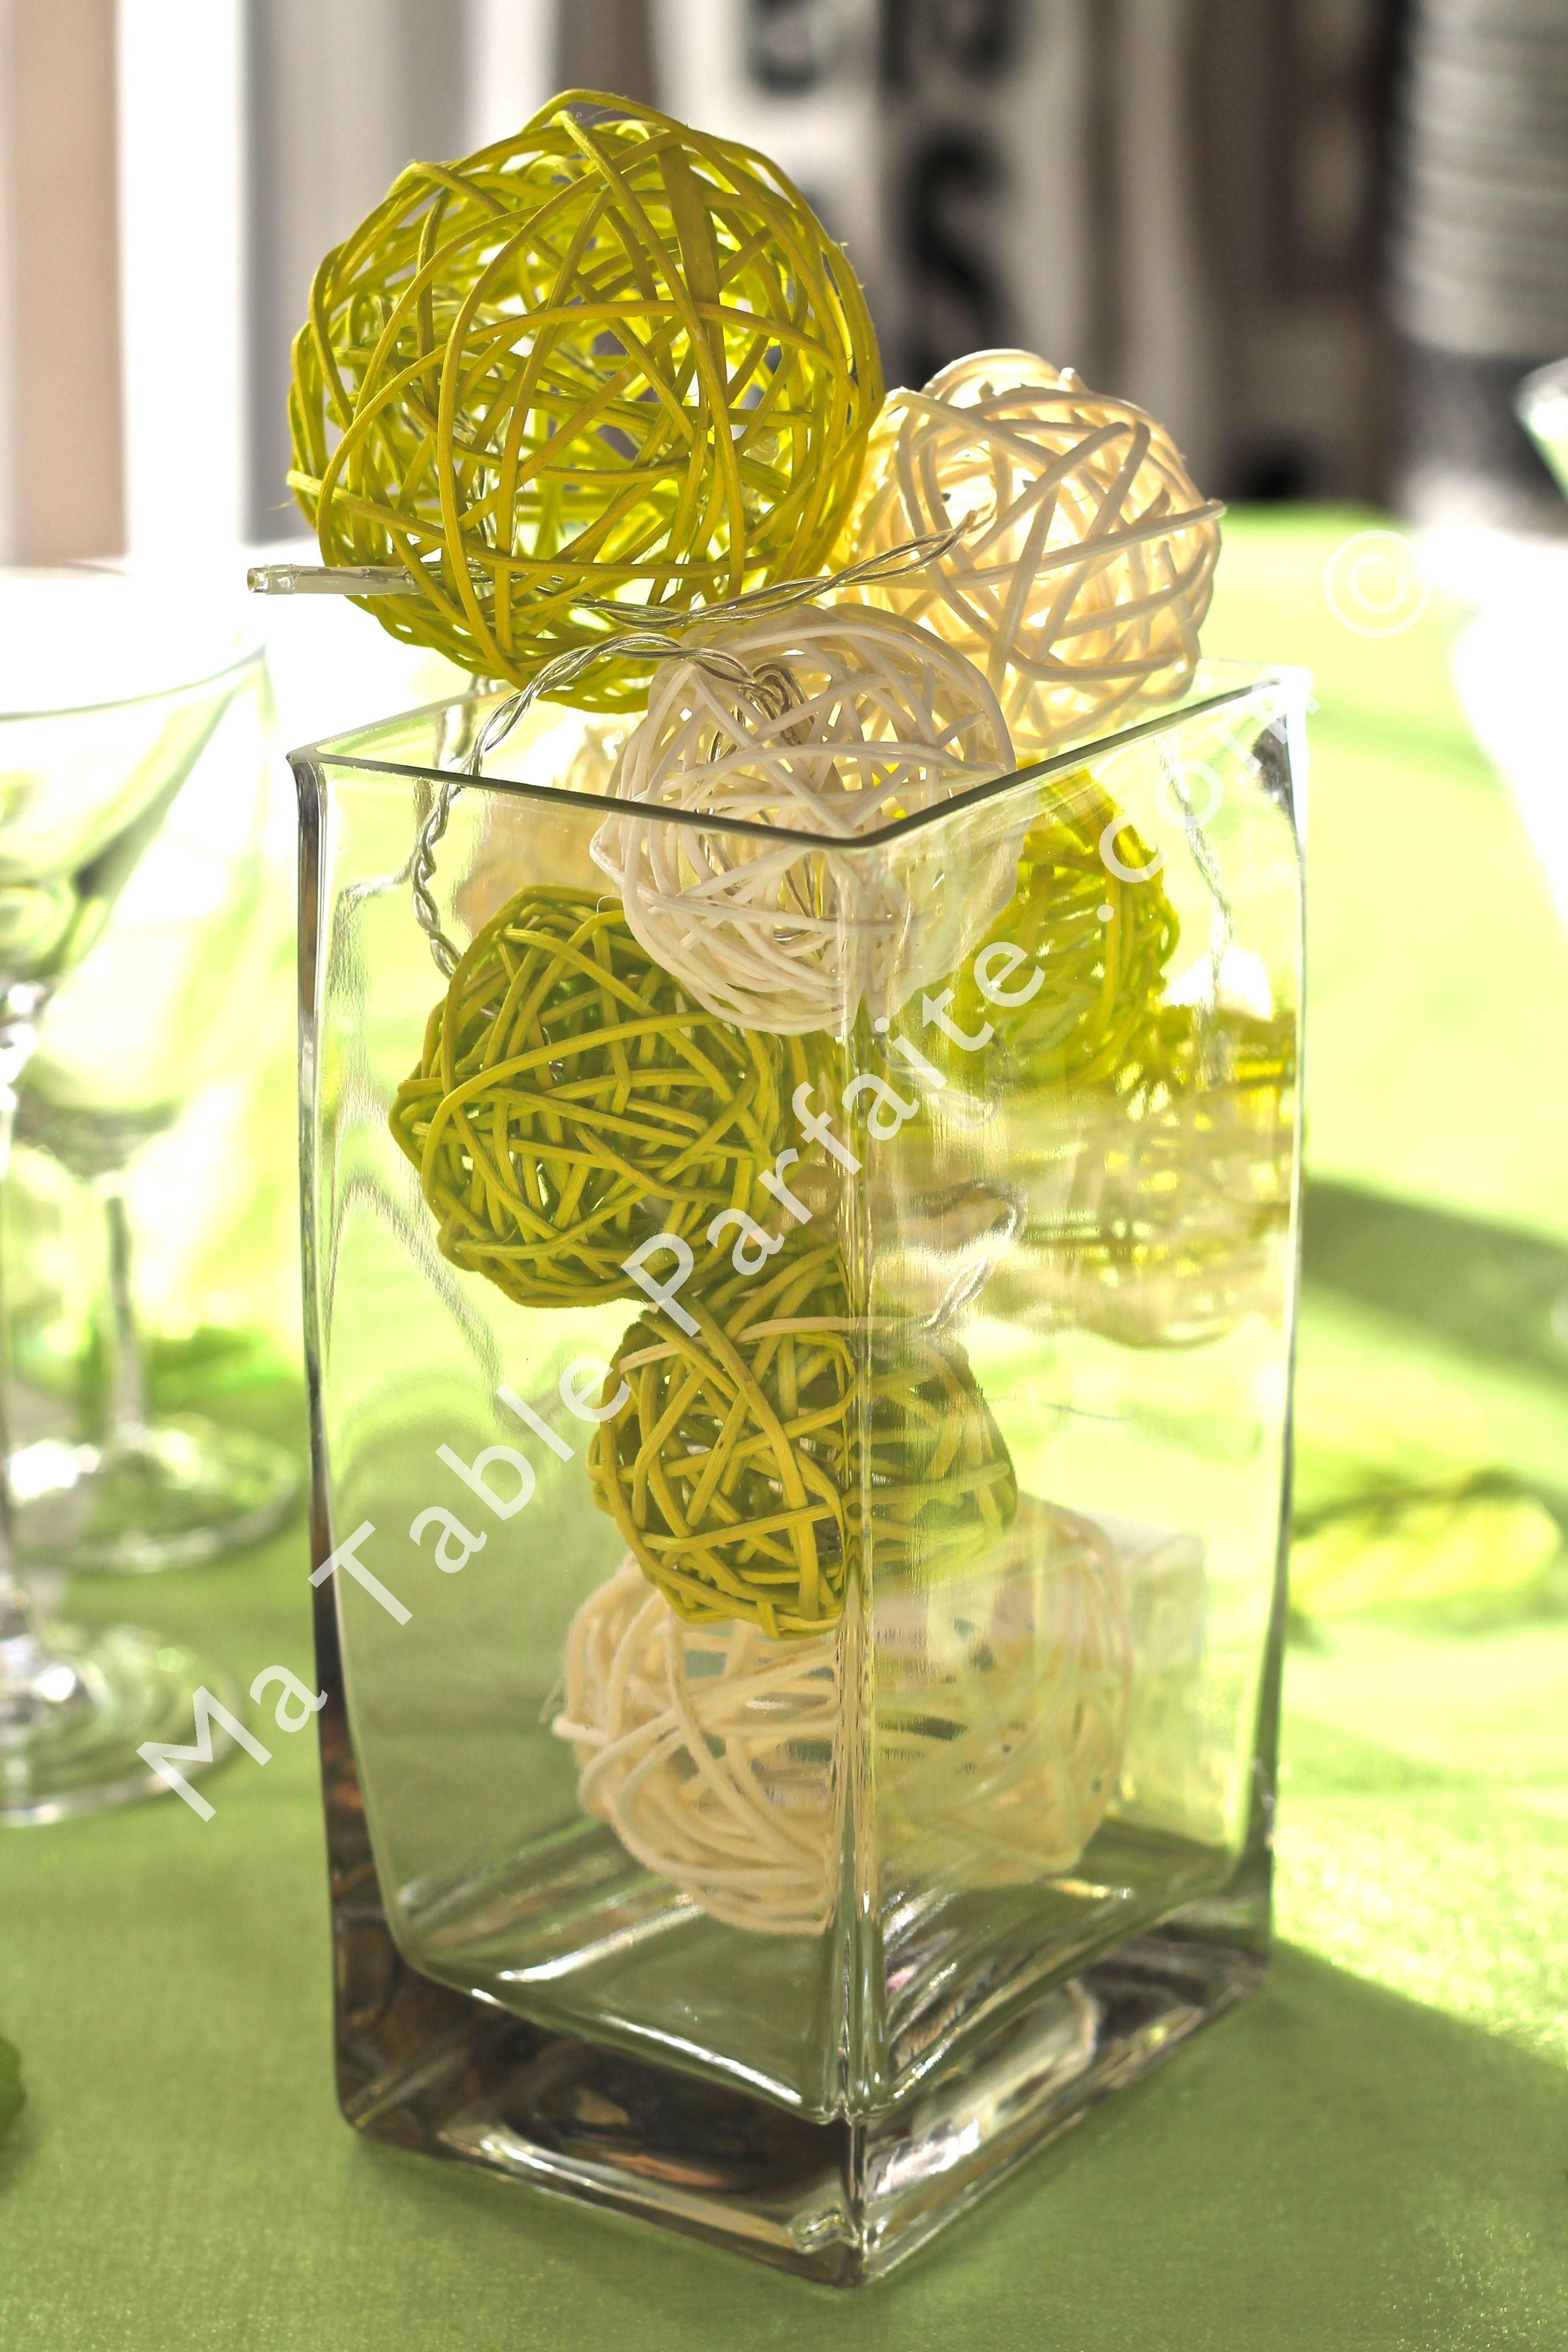 Cette guirlande lumineuse LED à piles est idéale pour un usage intérieur en  décoration de table. Ici agrémentée de boules rotin blanches et vertes, ... 3a0d84a5aed6